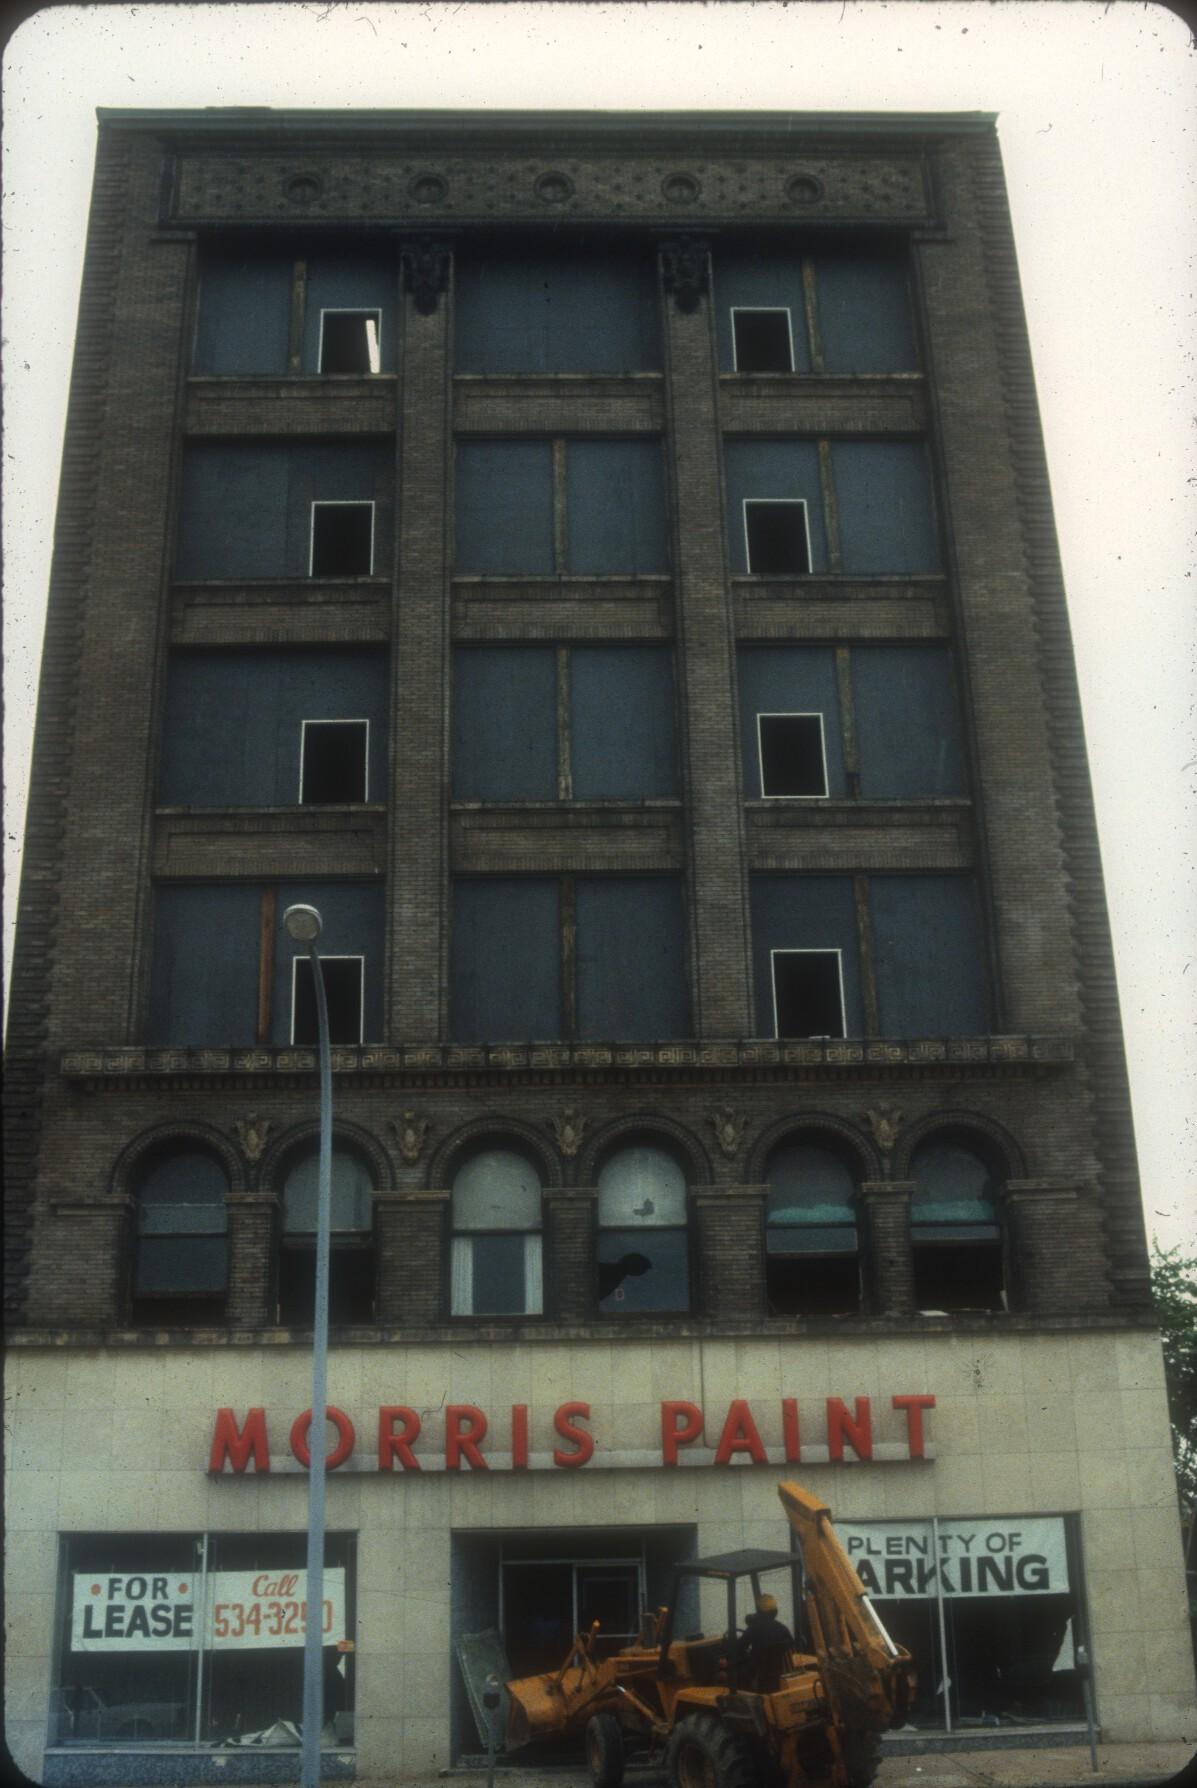 MorrisPaintWalkerEstate_1982_p2_slide3_06